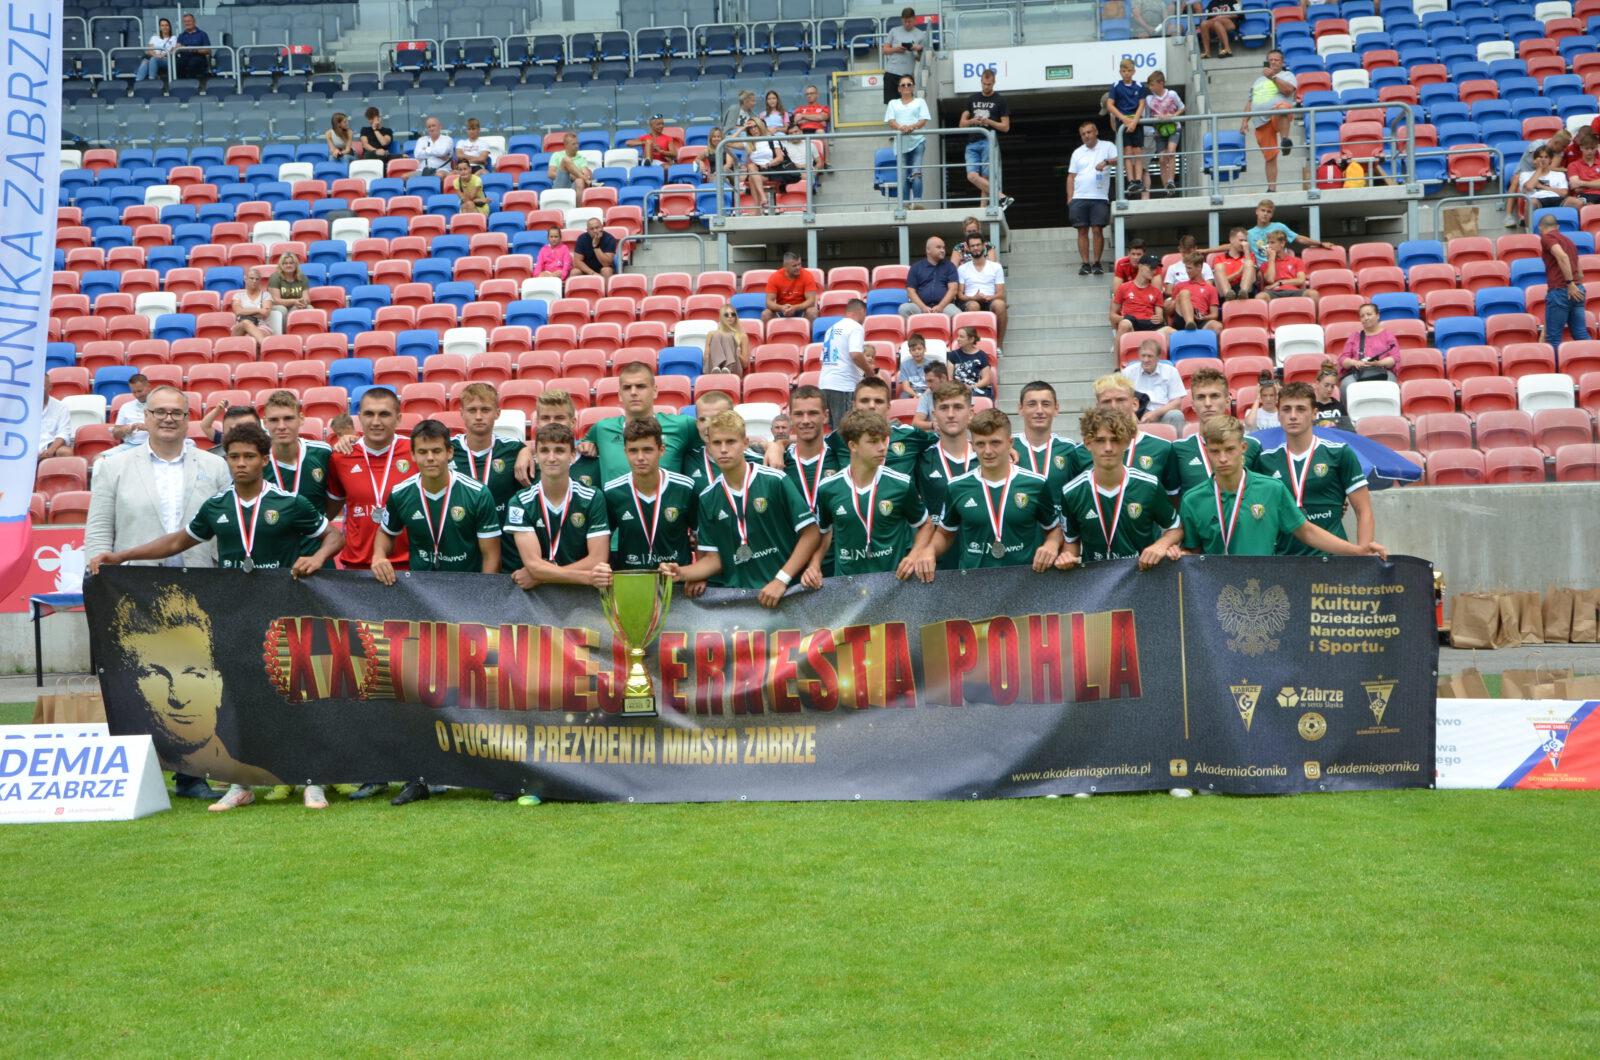 Pamiątkowe zdjęcie drużyny AP Śląsk Wrocław